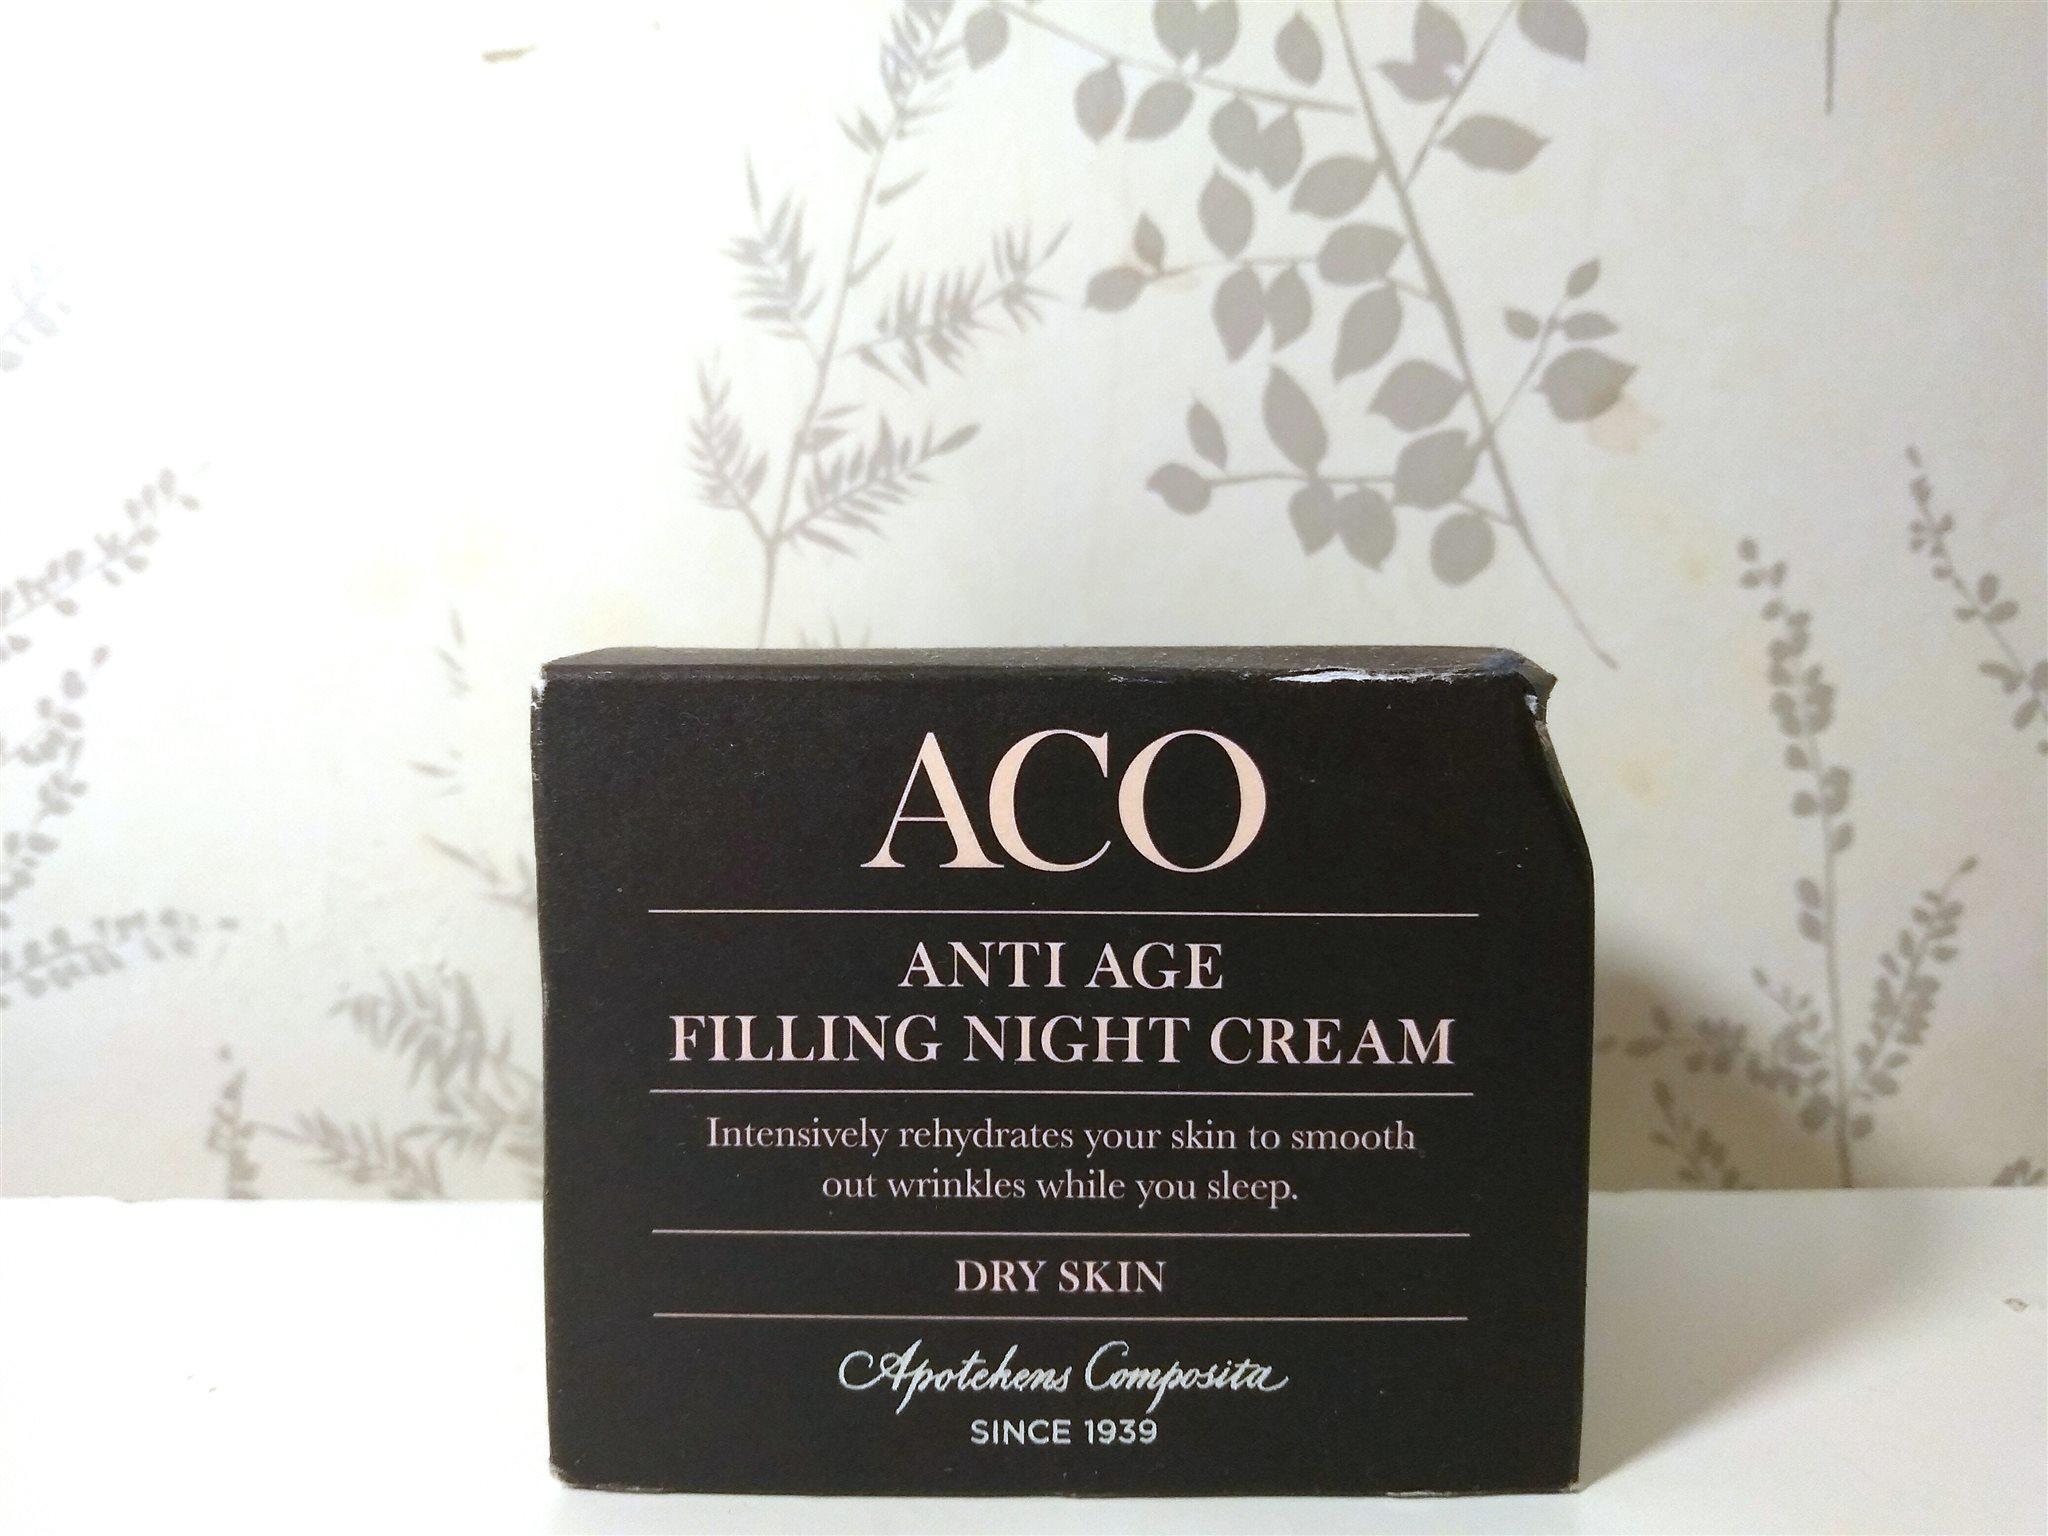 aco filling night cream